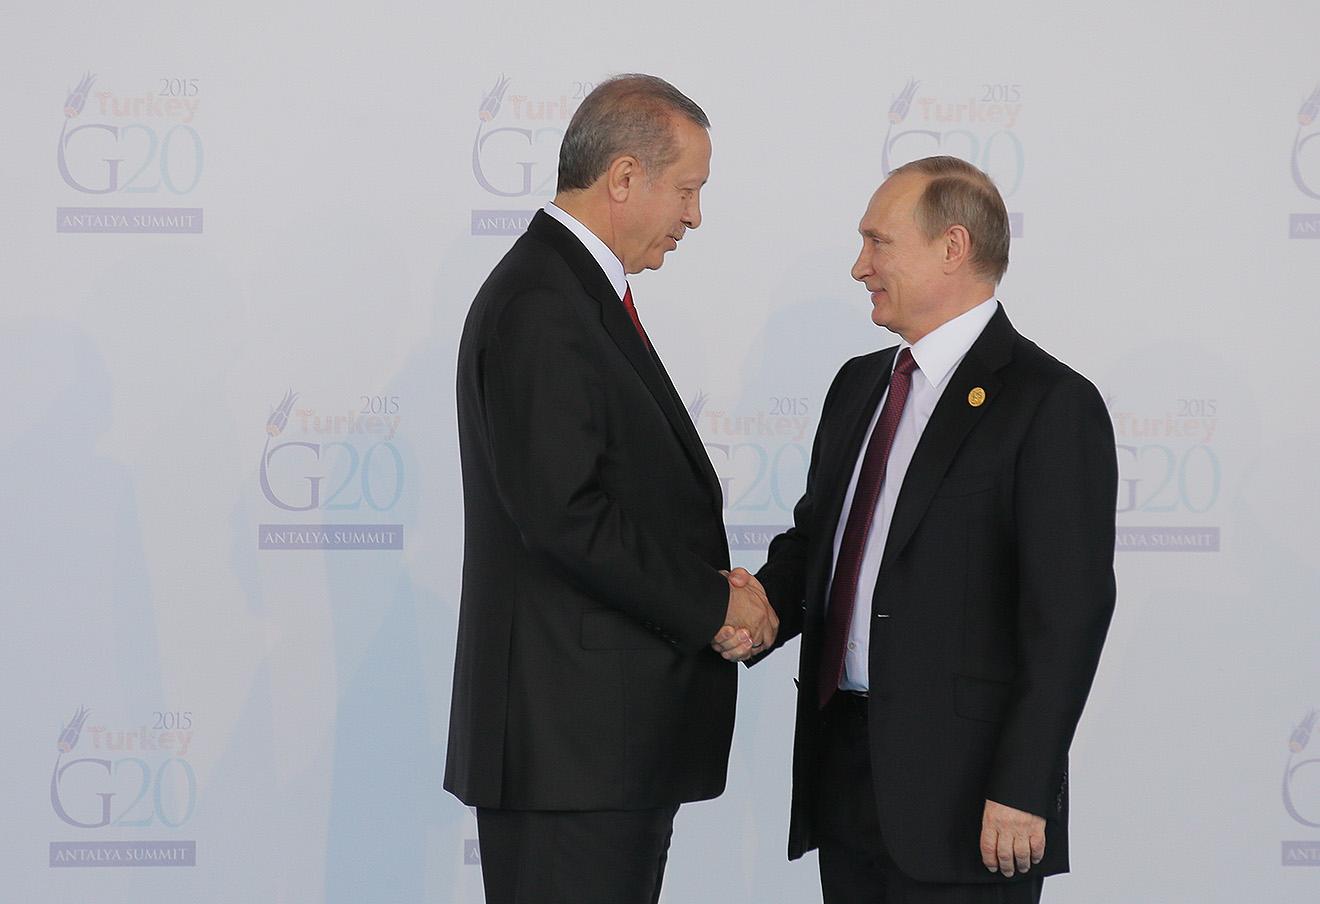 Реджеп Тайип Эрдоган и Владимир Путин, 2015 год.